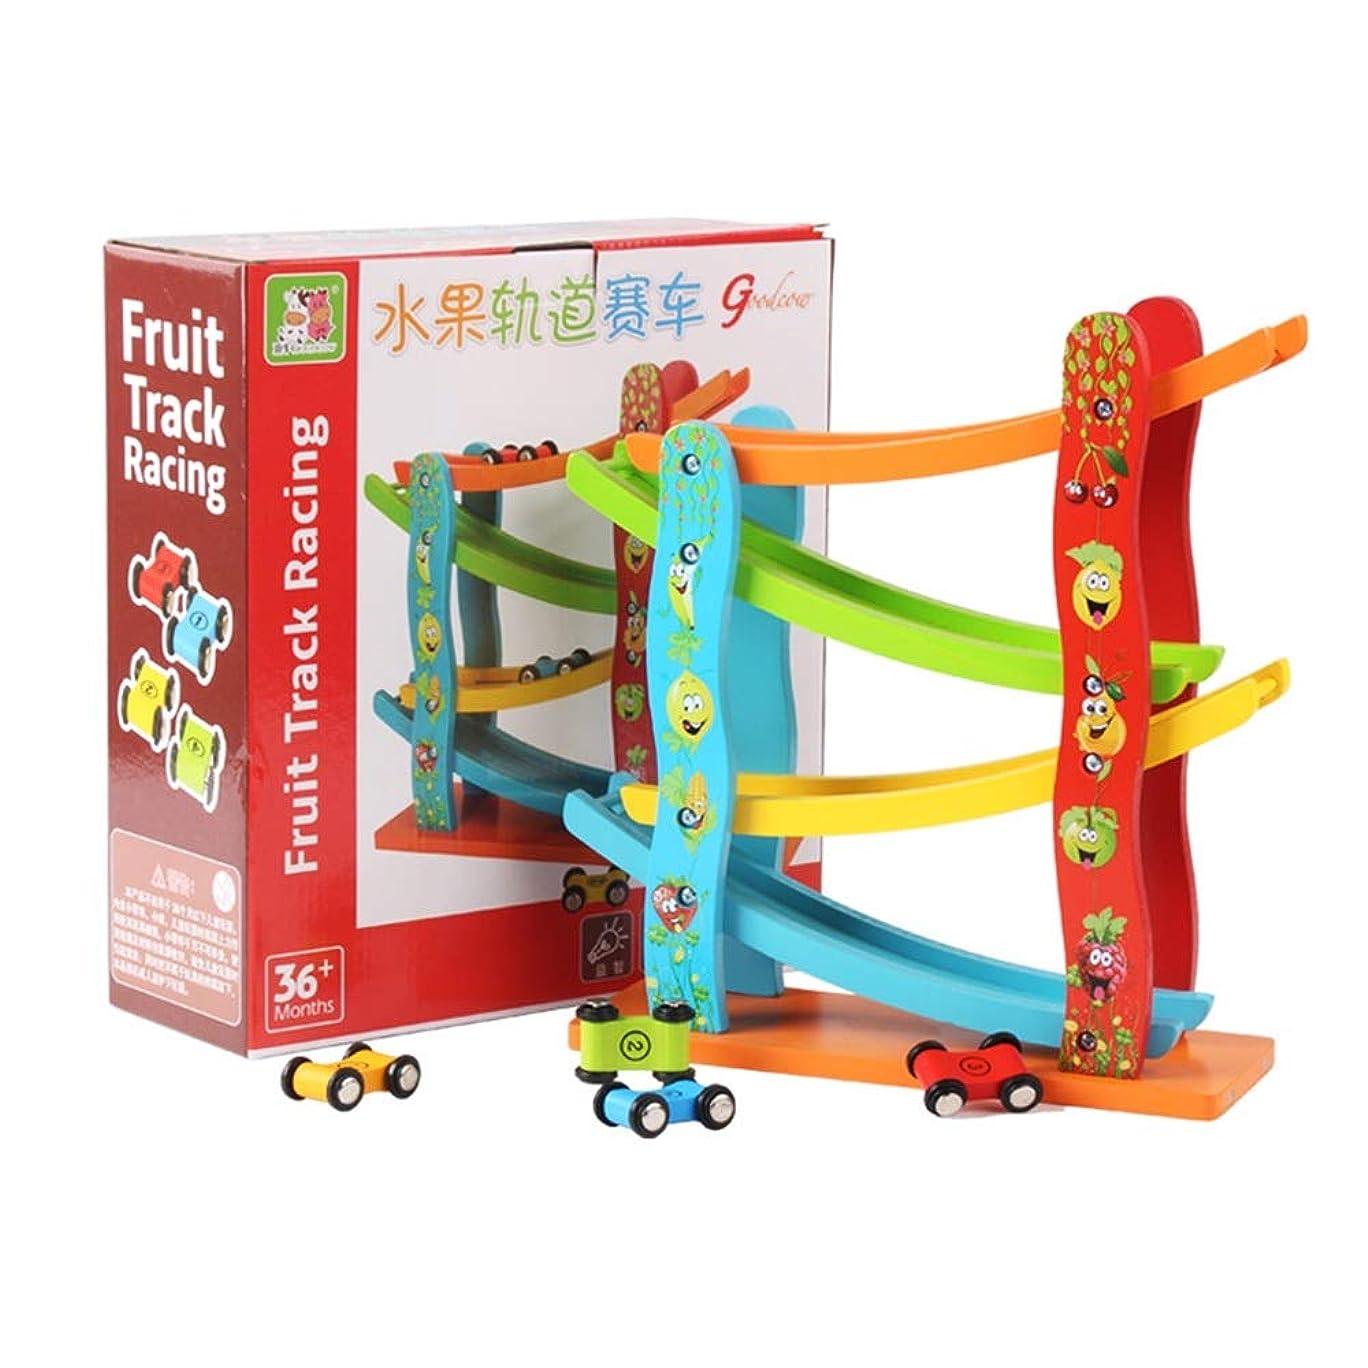 トロリー泥エスカレーターXyanzi 子どもおもちゃ 車のランプのおもちゃ、幼児のおもちゃレーストラックカーランプレーサー木製ランプ幼児のおもちゃ1 2歳の男の子と女の子の贈り物9.65X3.54X10.24